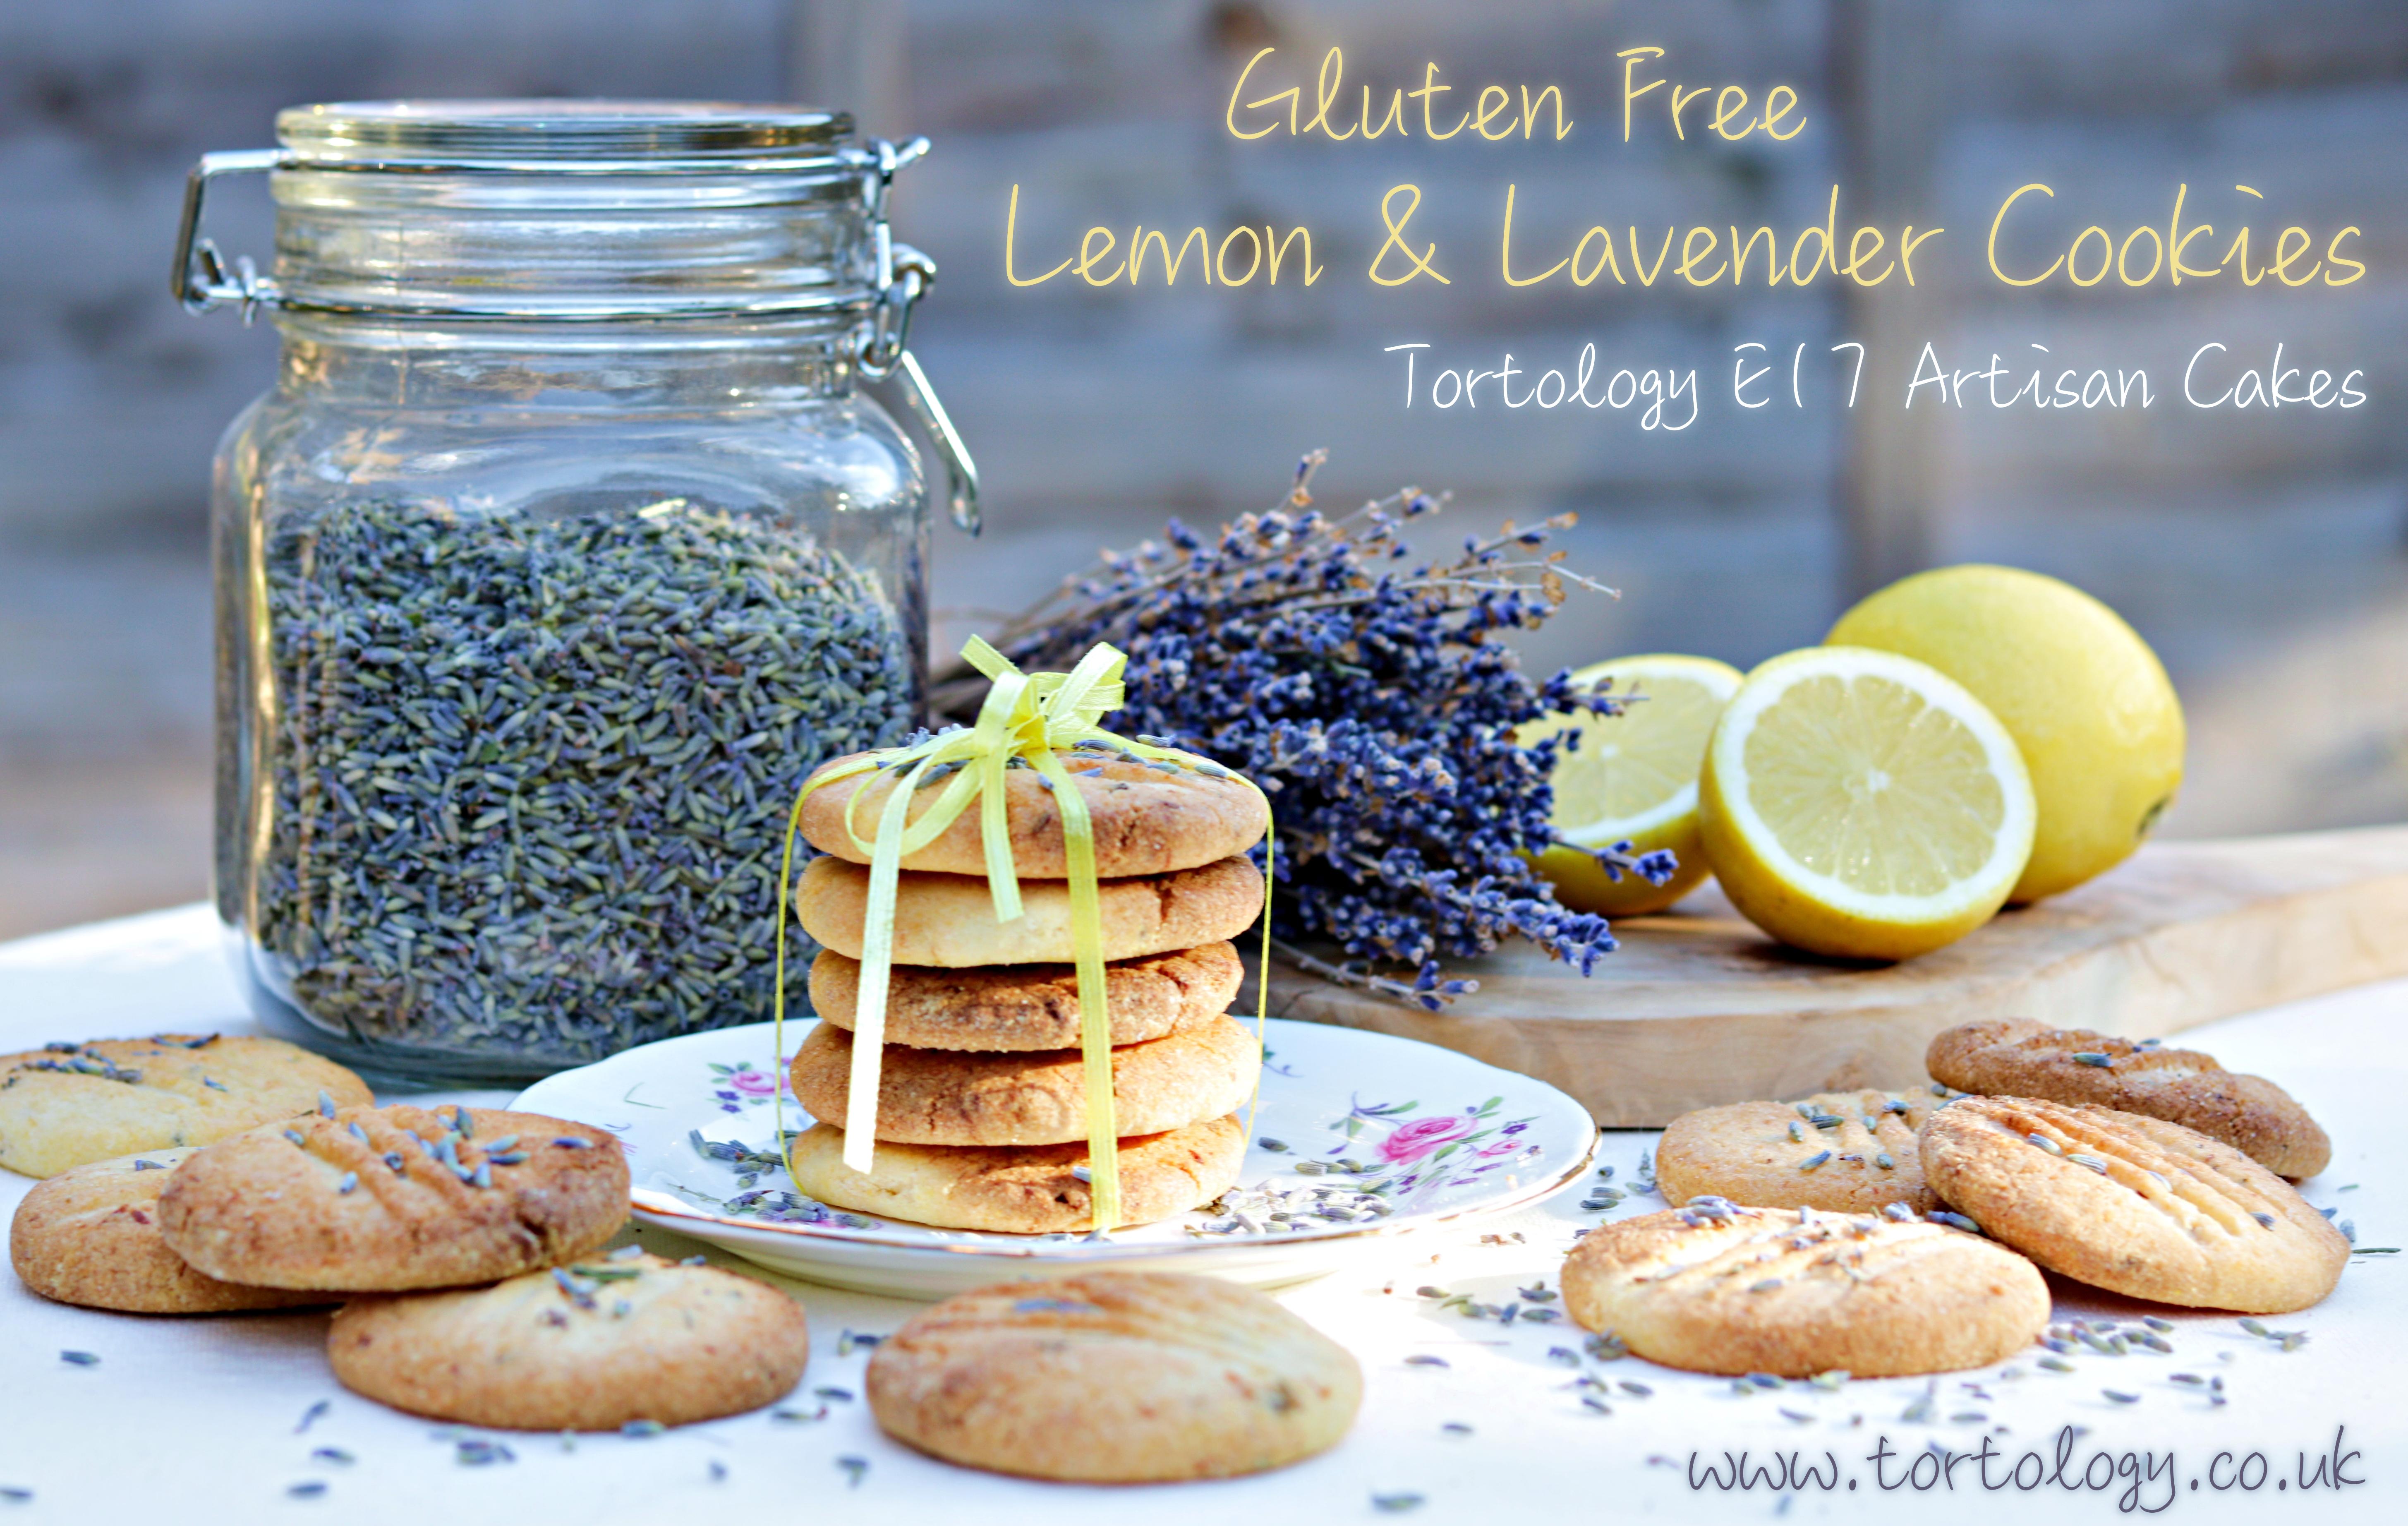 Gluten Free Lemon & Lavender Cookies Tortology Publicity Photo 2